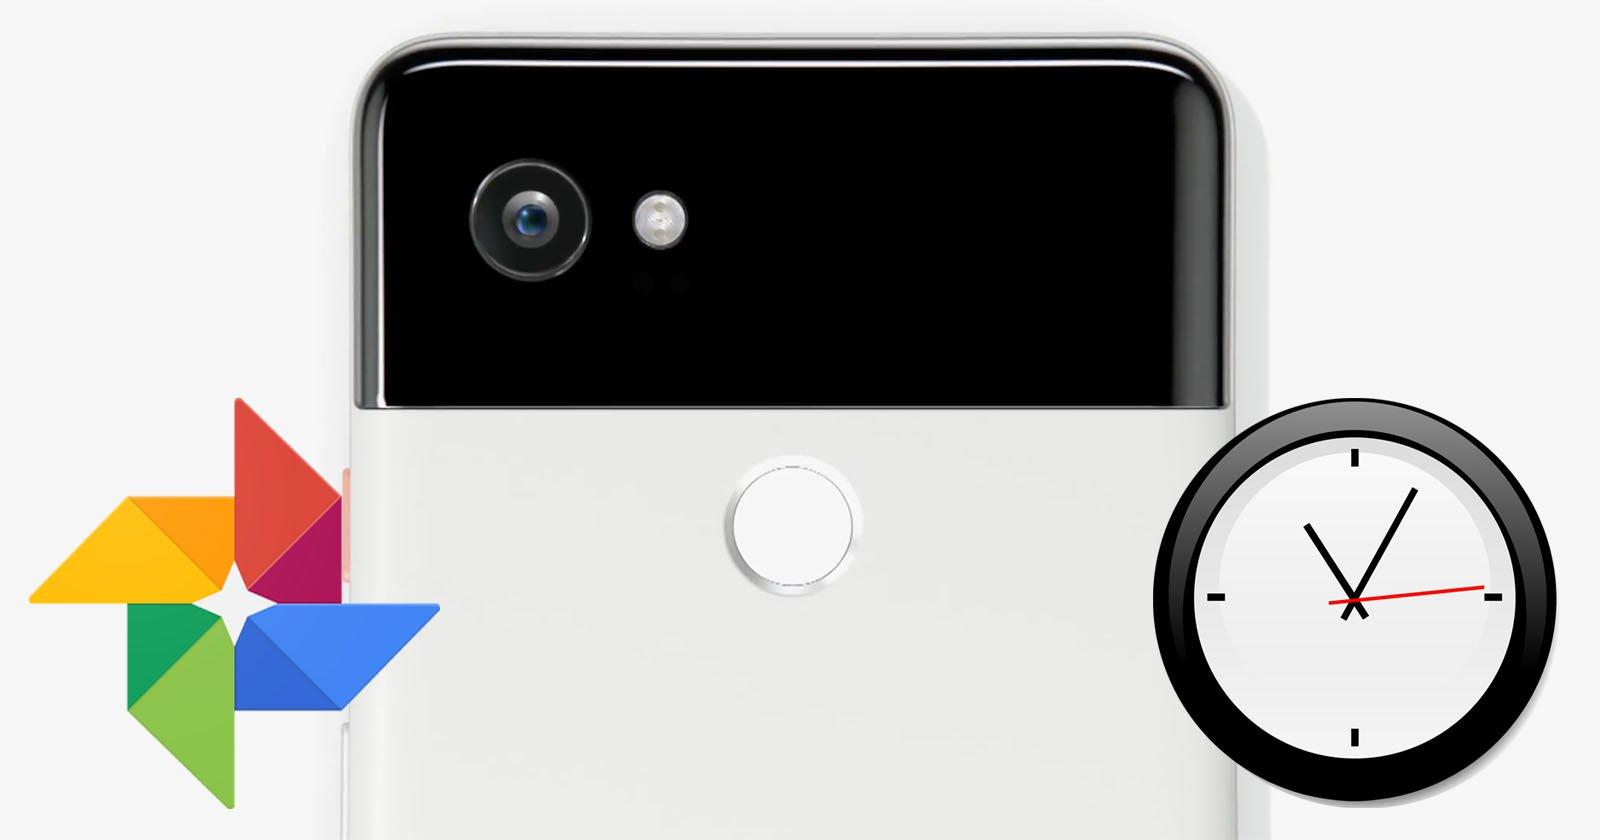 گوگل اعلام کرد حافظه ابری برای بارگزاری تصاویر پیکسل 2 نامحدود نیست